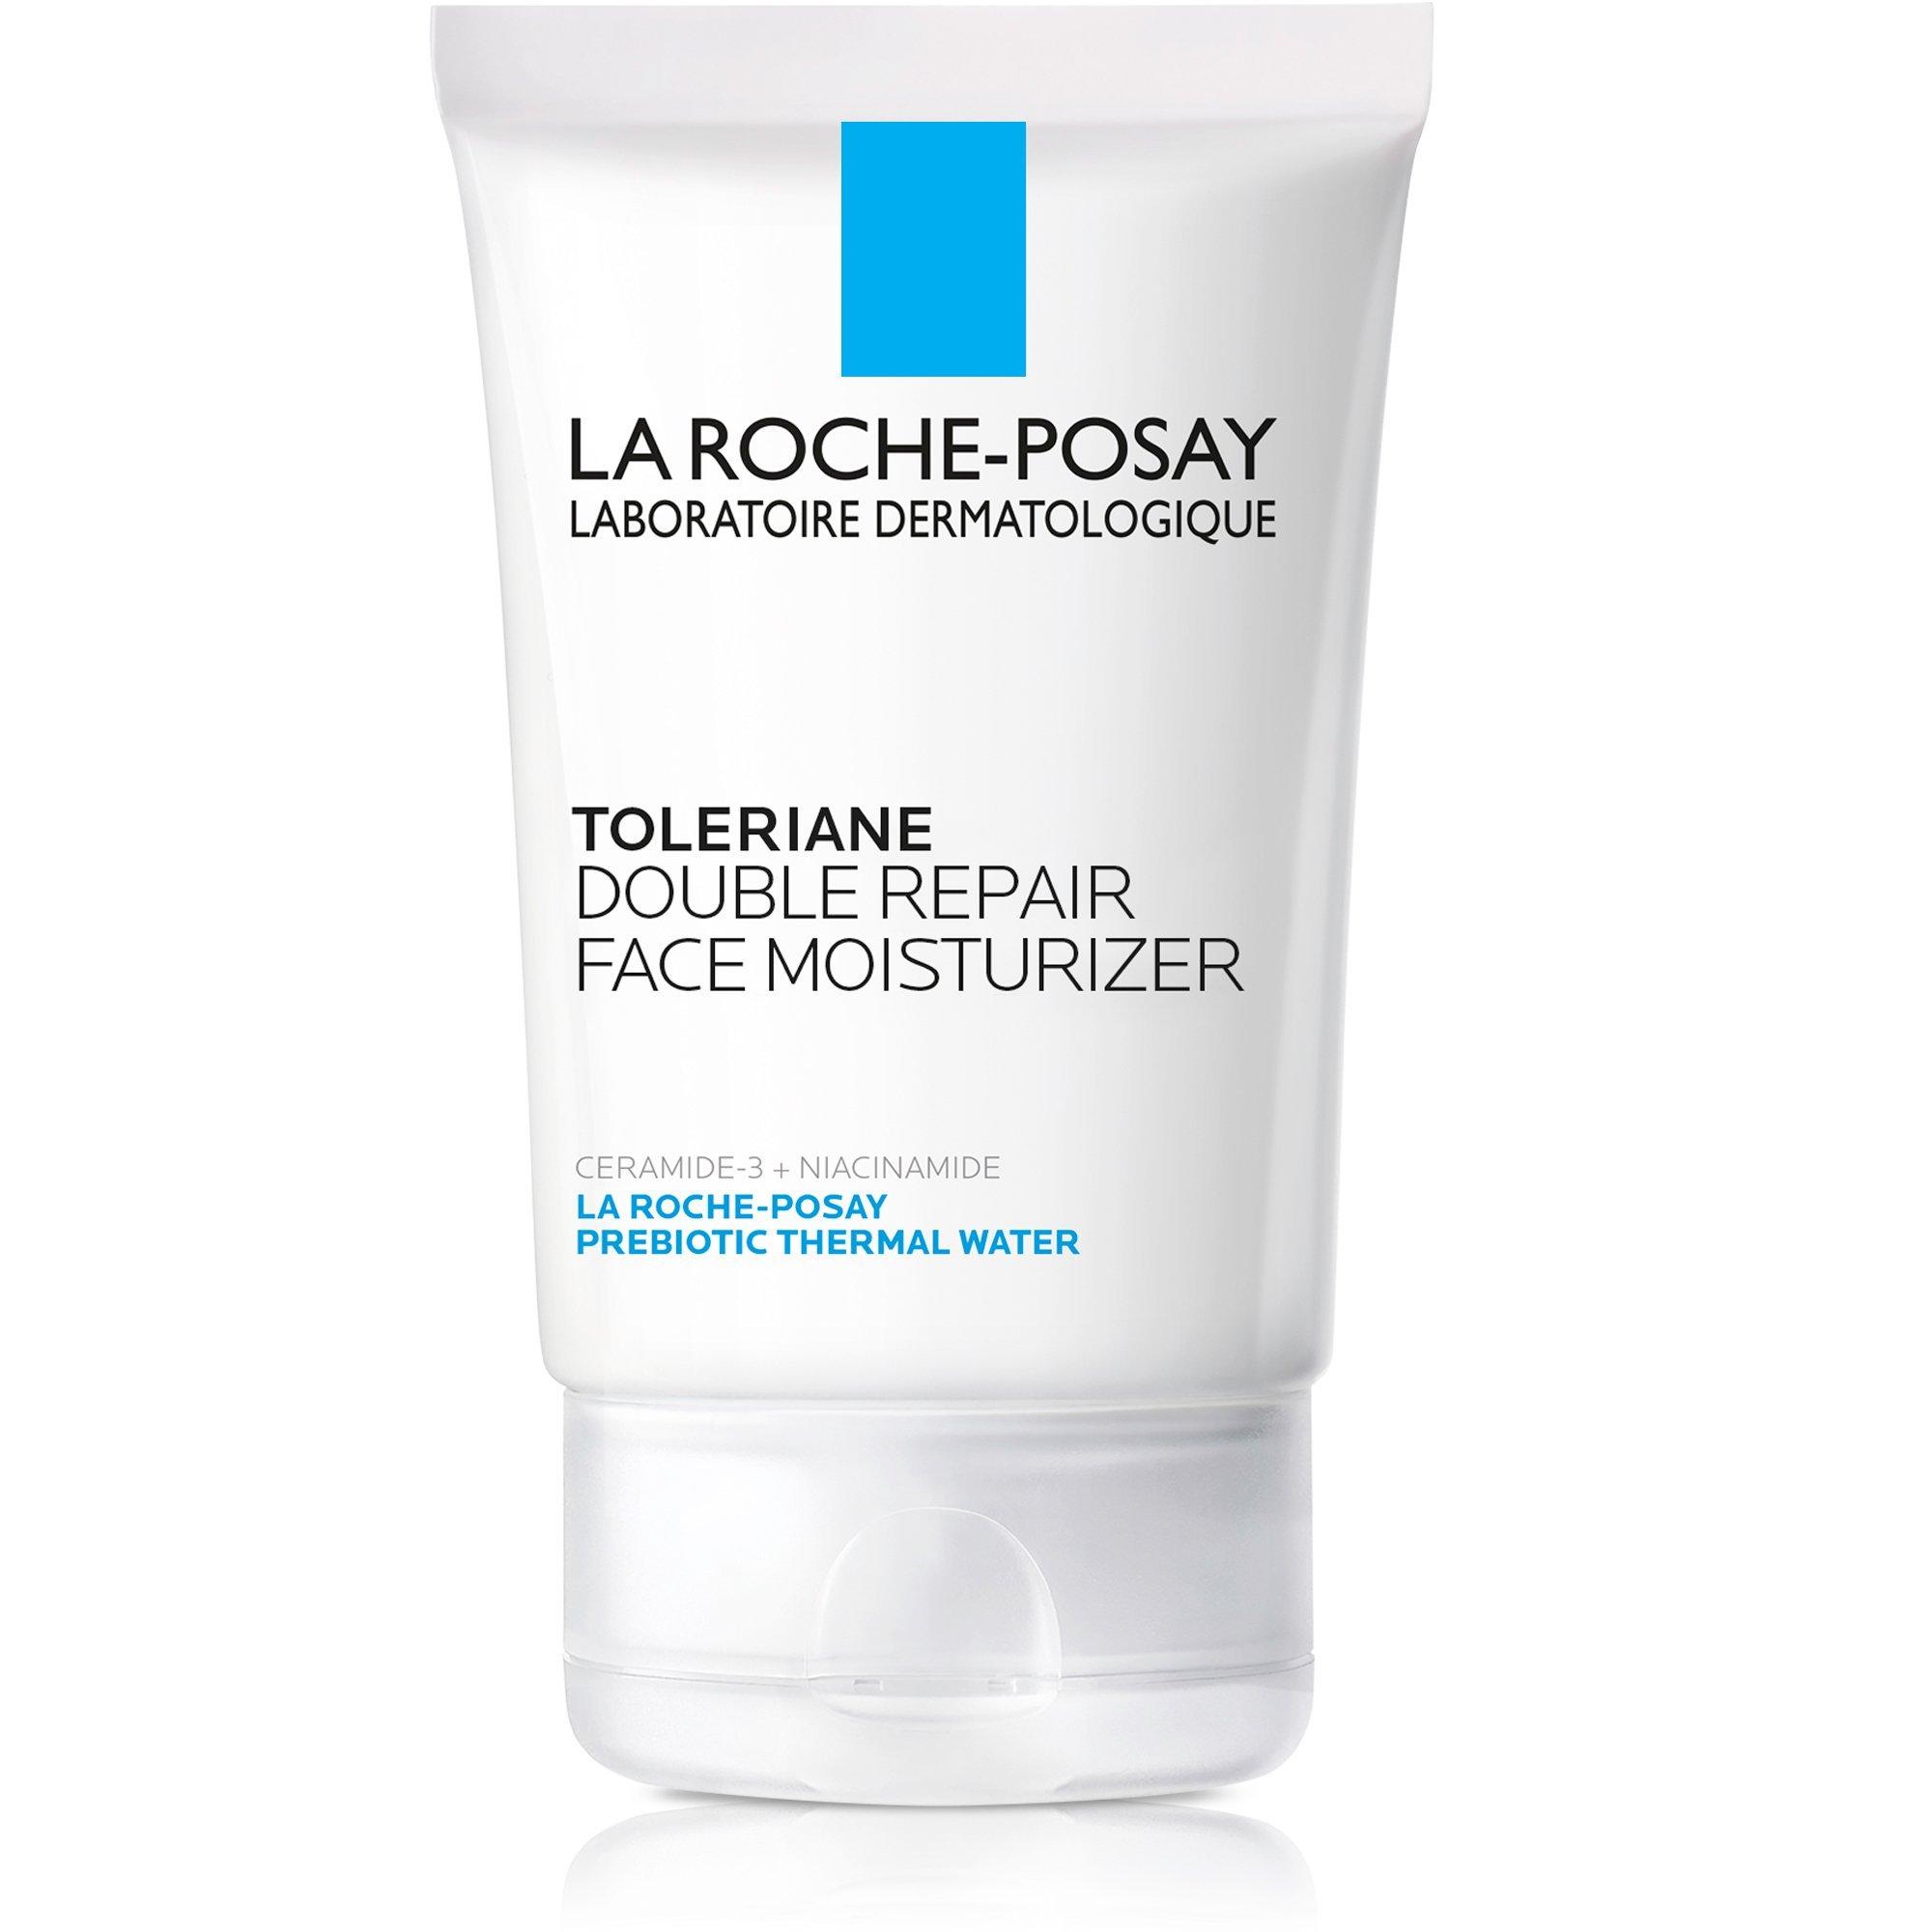 La Roche-Posay Toleriane Double Repair Face Moisturizer, 2.5 Fl. Oz. by La Roche-Posay